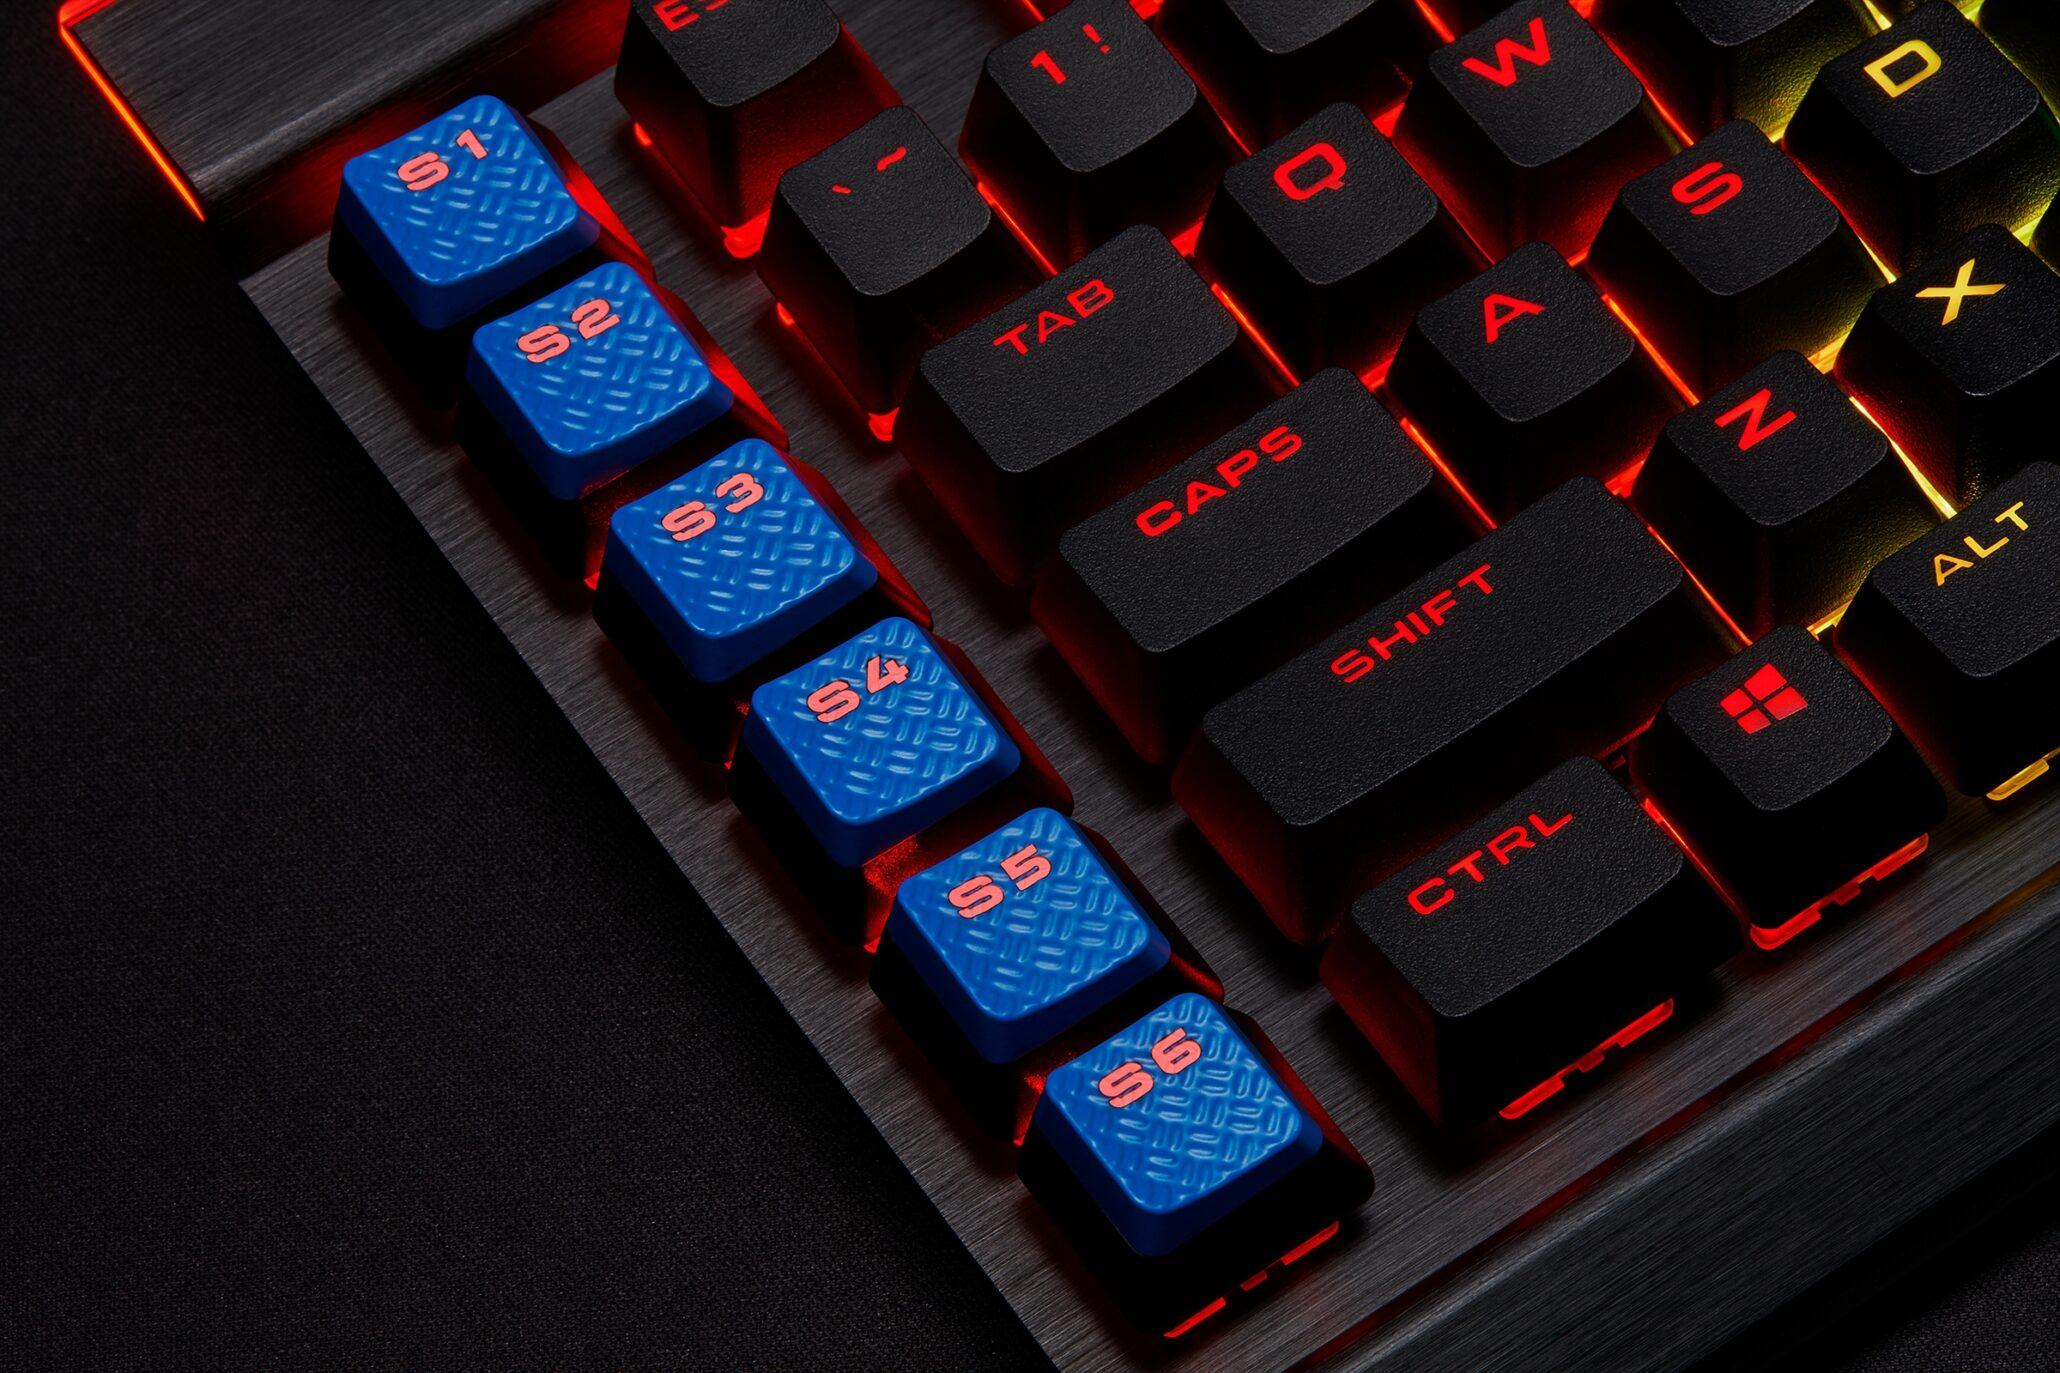 corsair-k95-rgb-platinum-xt-03-part-5-s-keys